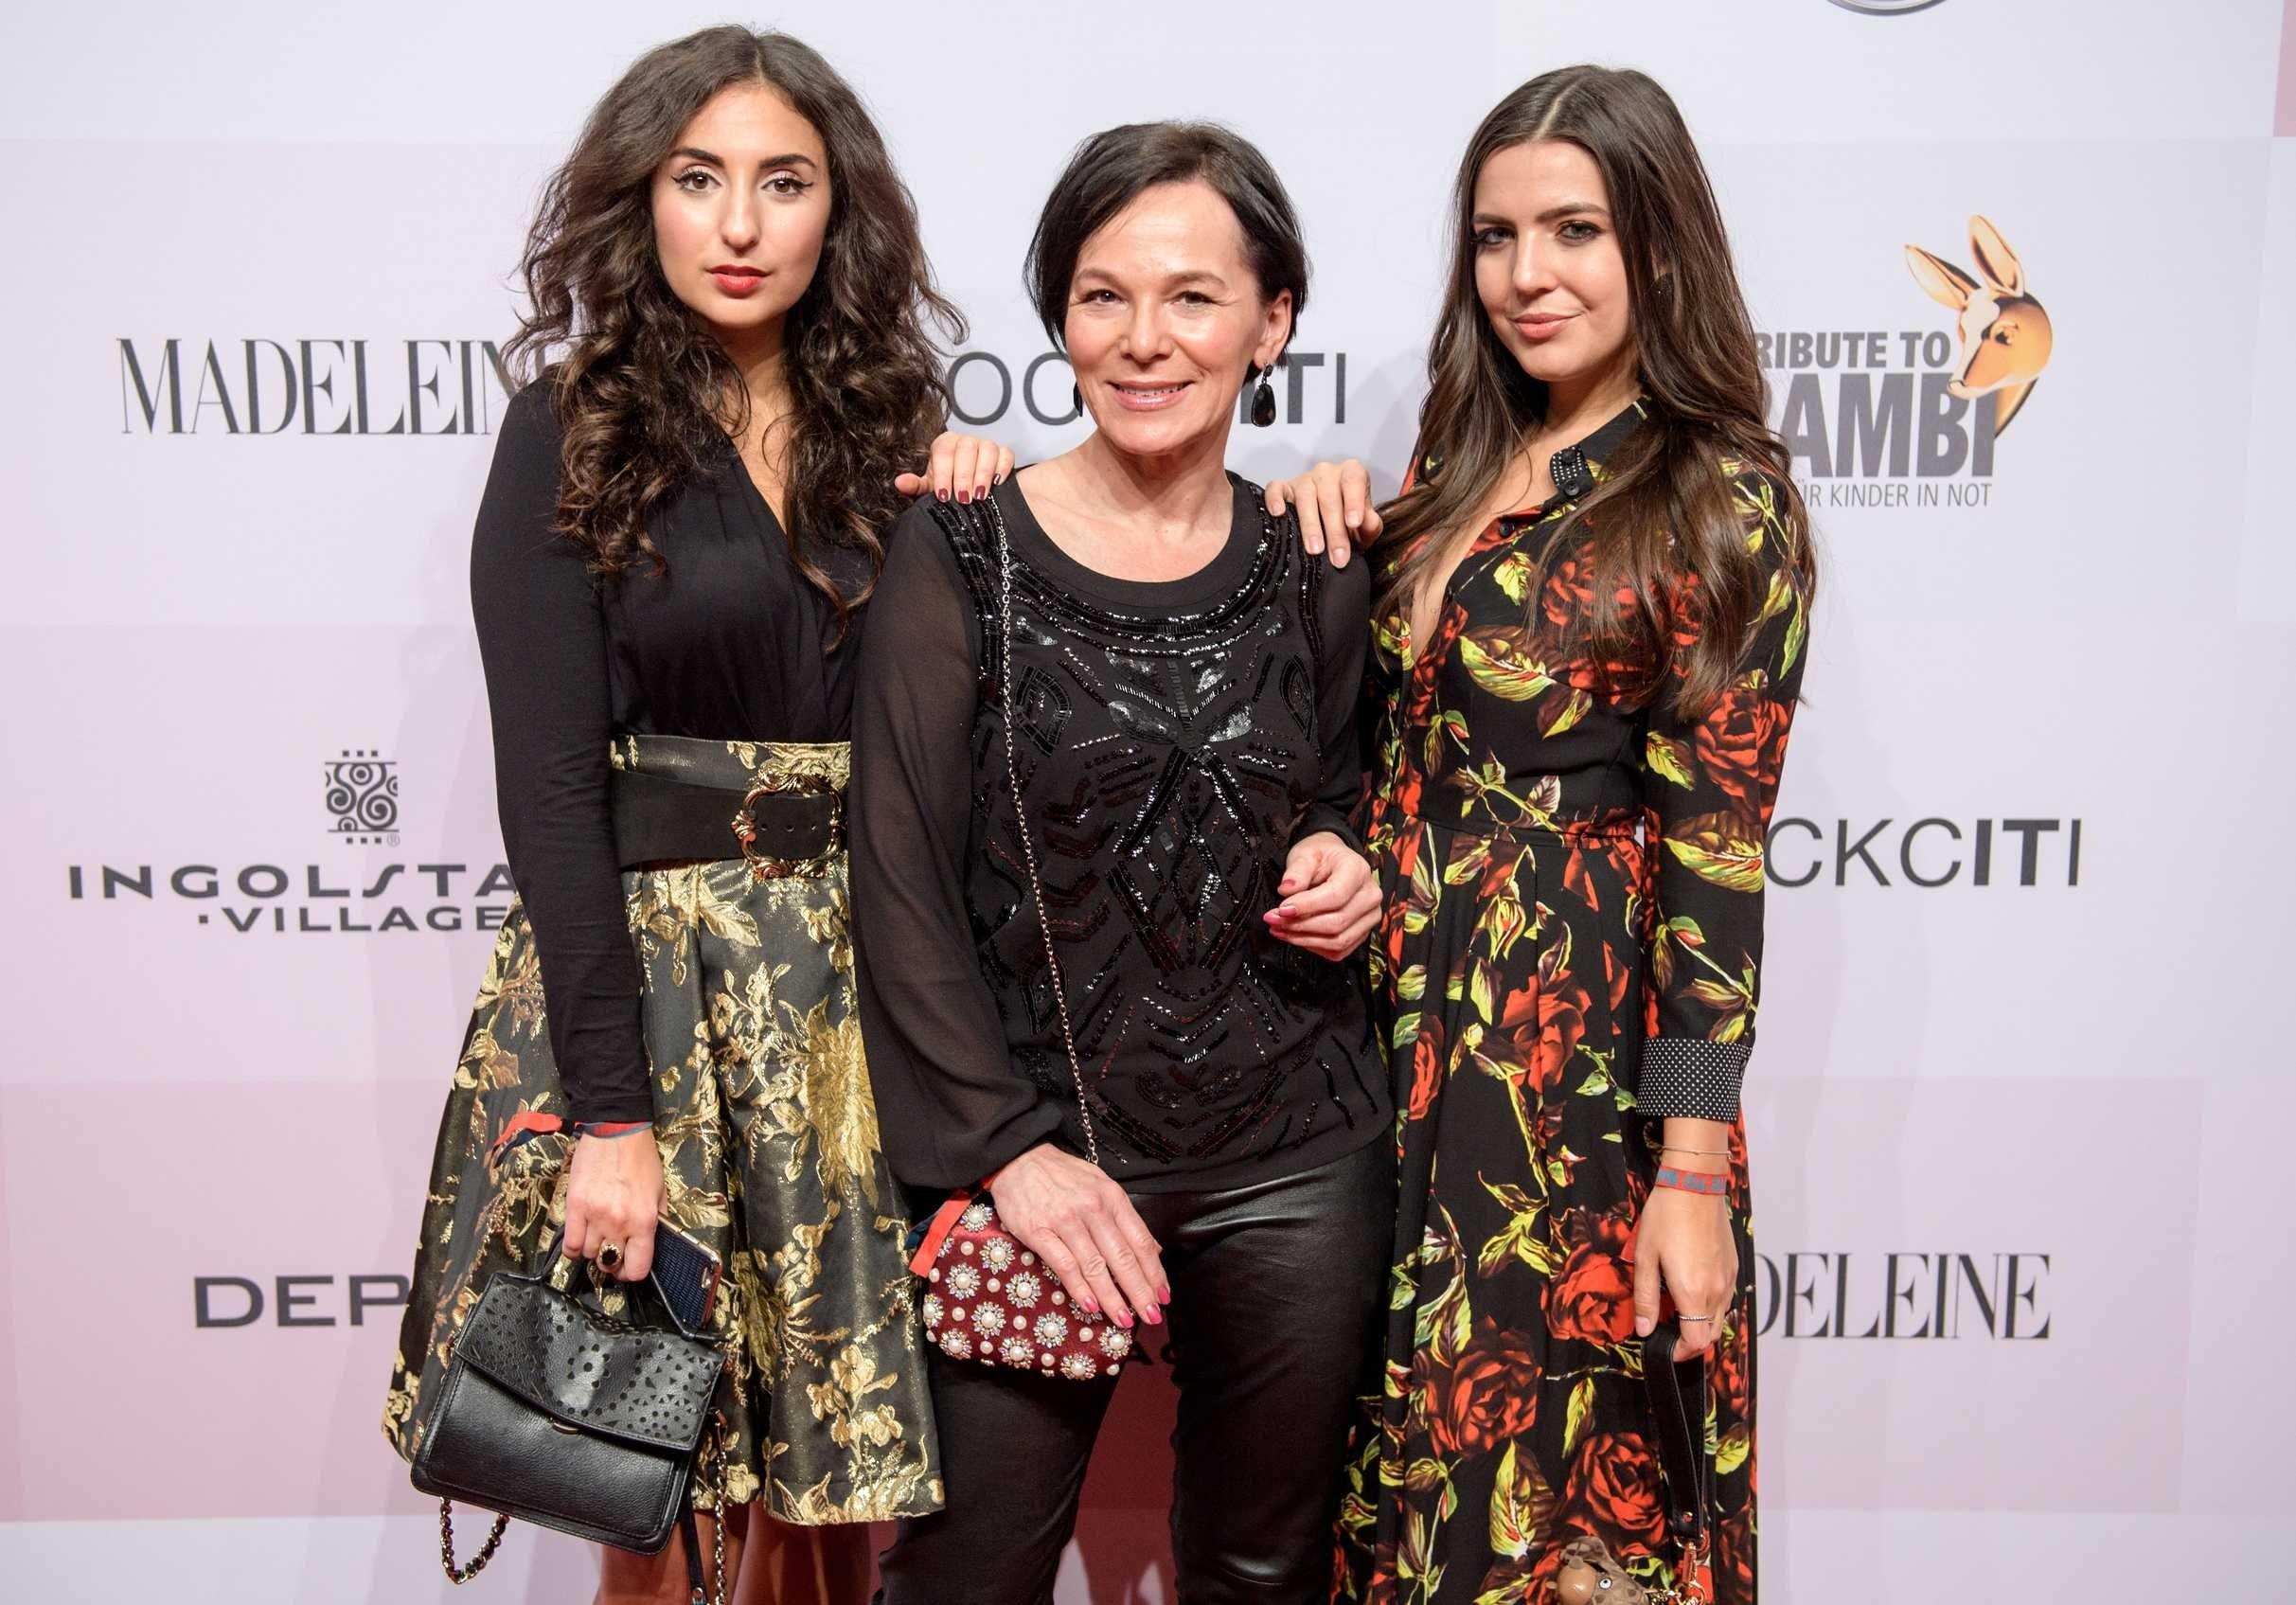 Die Bloggerinnen Samira Akili, Annette Höldrich und Ruth Garthe auf dem Roten Teppich.